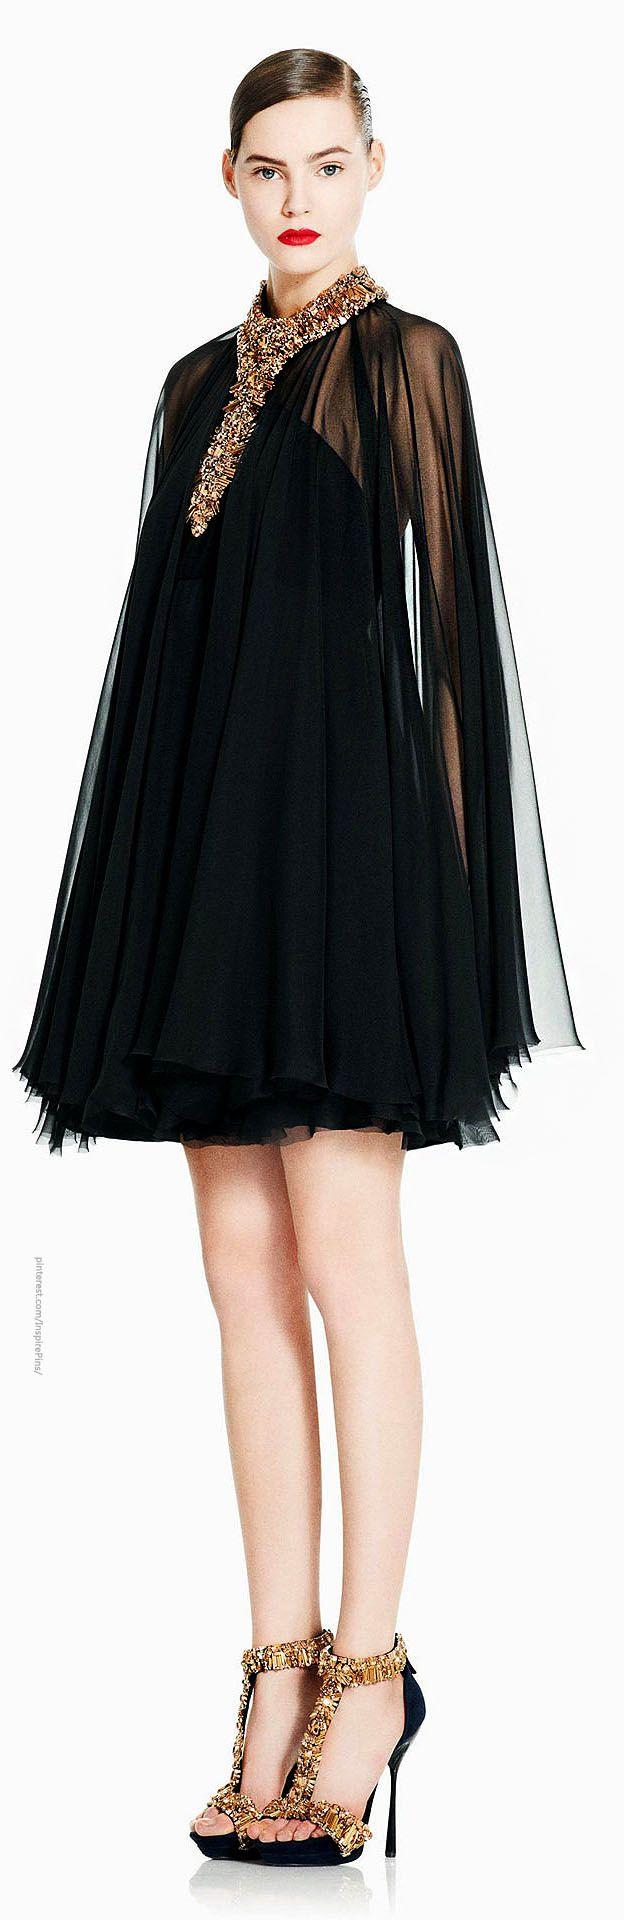 Alexander McQueen - Haute Couture - Black dress + gold heels